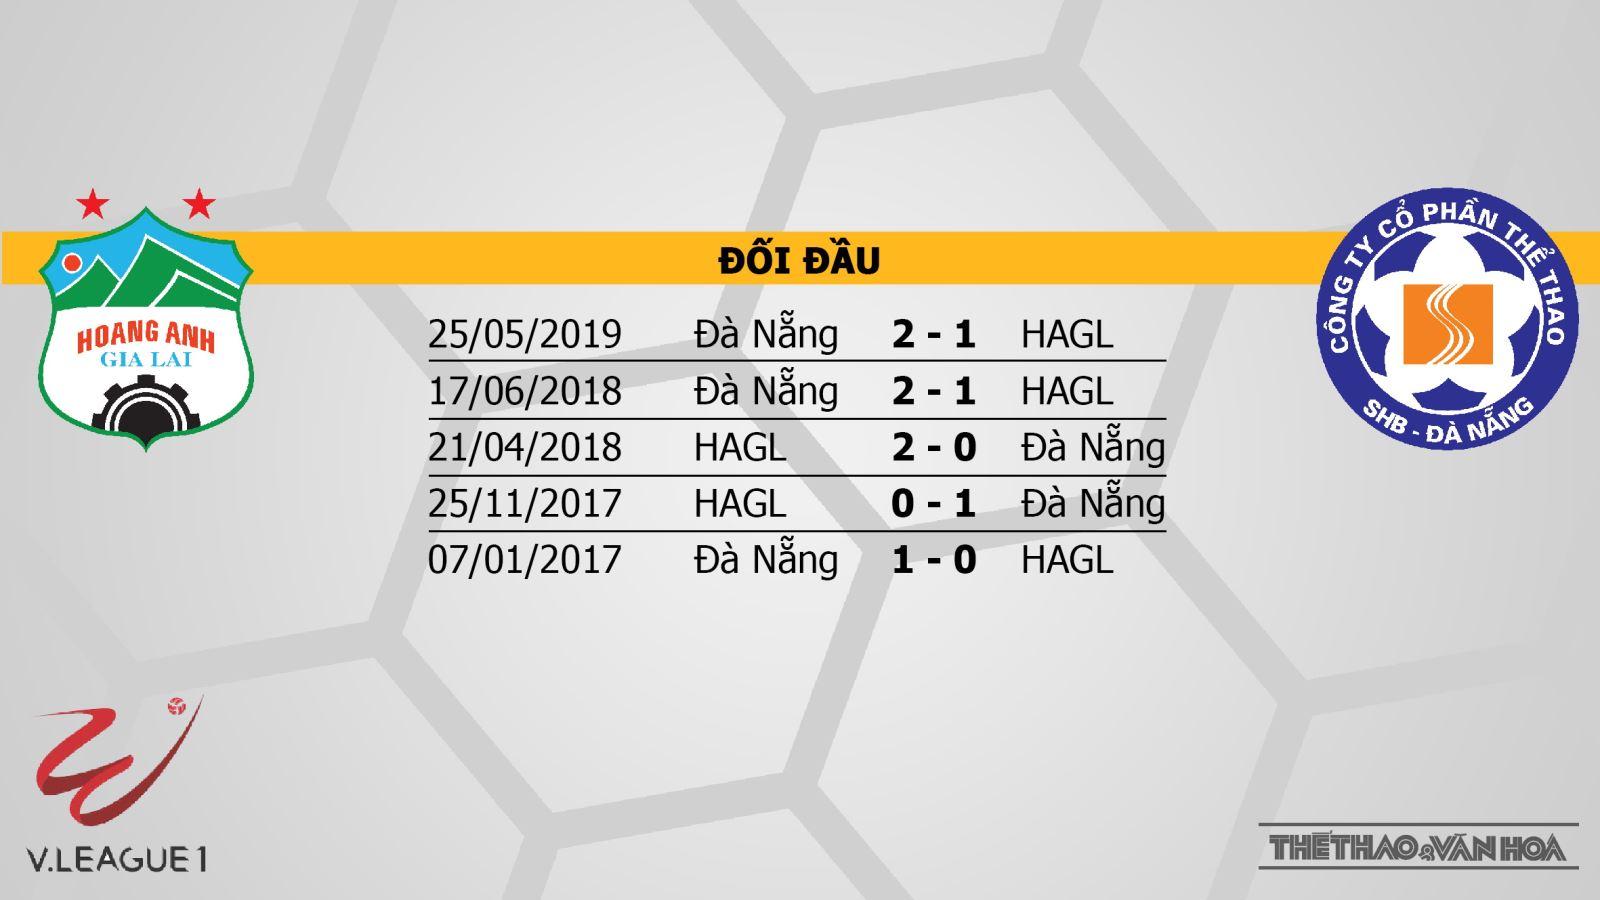 trực tiếp bóng đá, HAGL vs SHB Đà Nẵng, HAGL đấu với SHB Đà Nẵng, soi kèo bóng đá, truc tiep bong da, bong da hom nay, V-League 2019, VTV6, Bóng đá TV, FPT Play